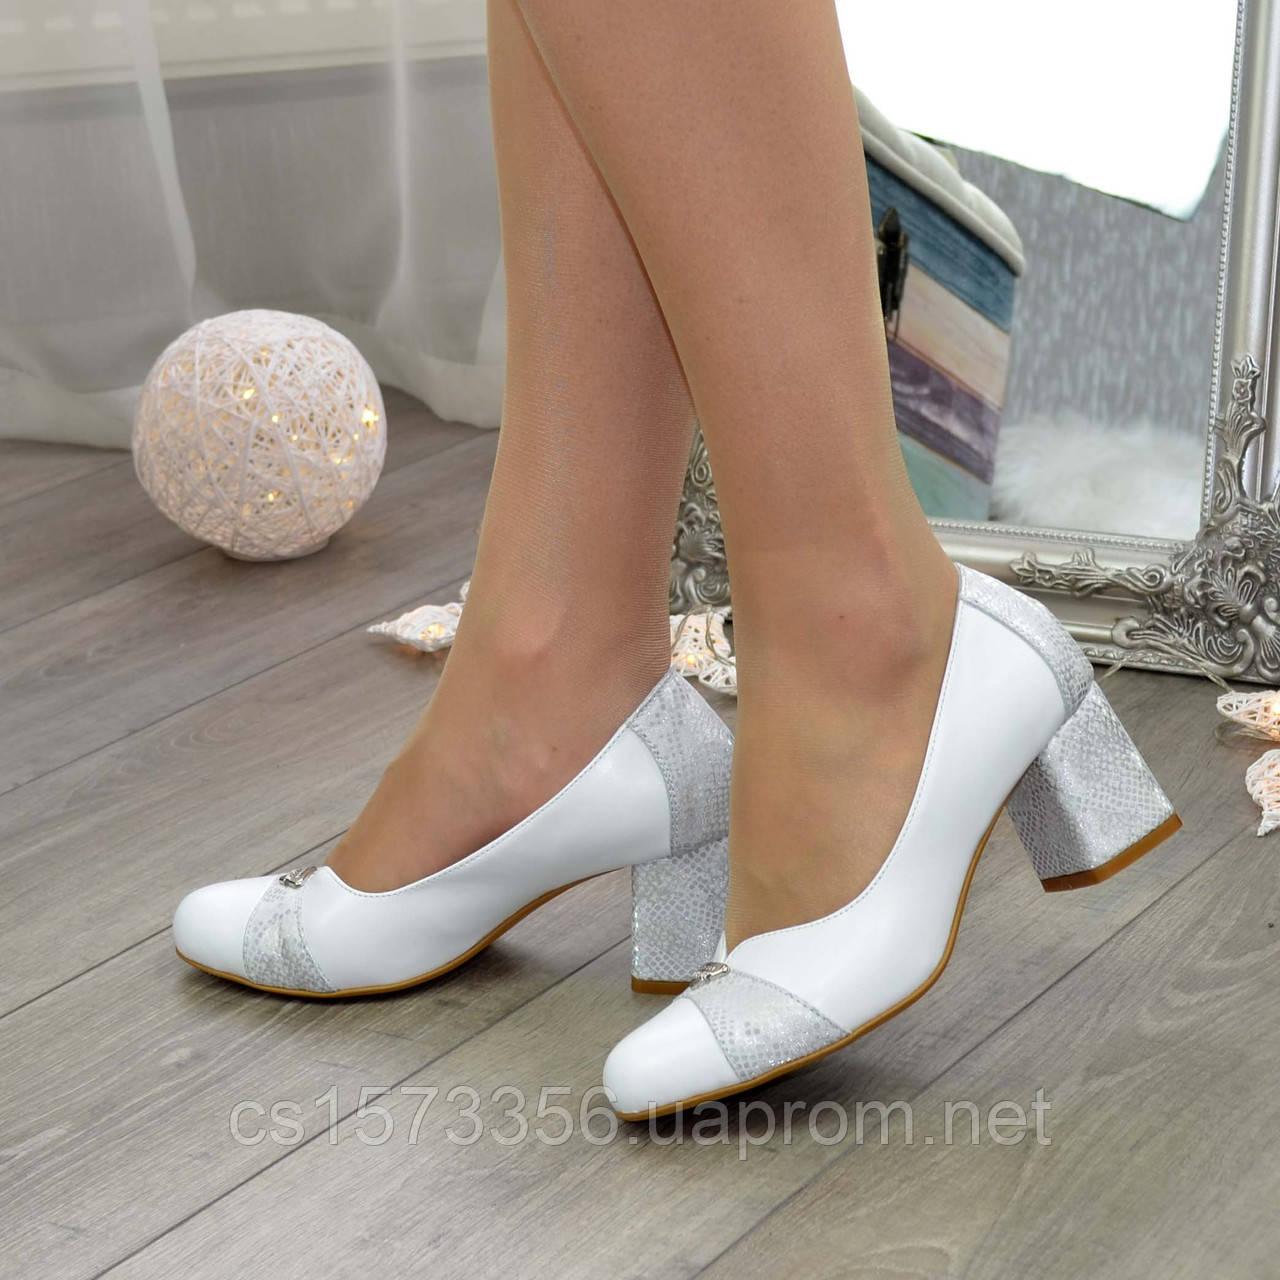 Туфли женские на невысоком устойчивом каблуке, натуральная кожа